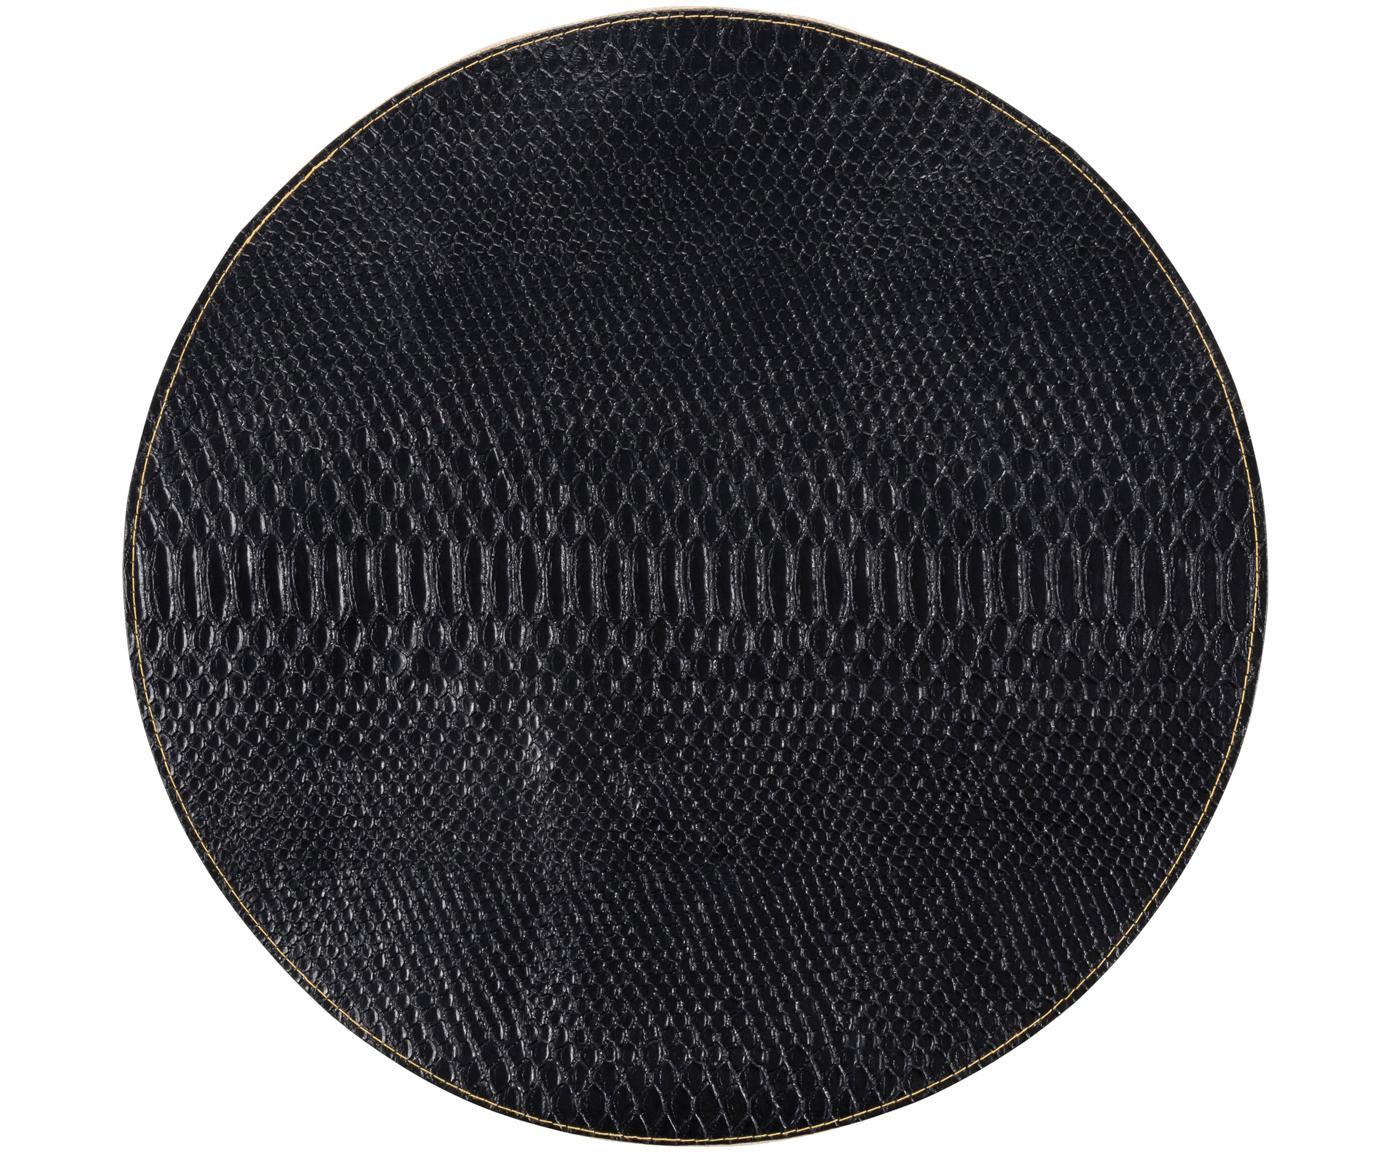 Tovaglietta americana rotonda Allie 2 pz, Pelle sintetica, Nero, dorato, Ø 38 cm